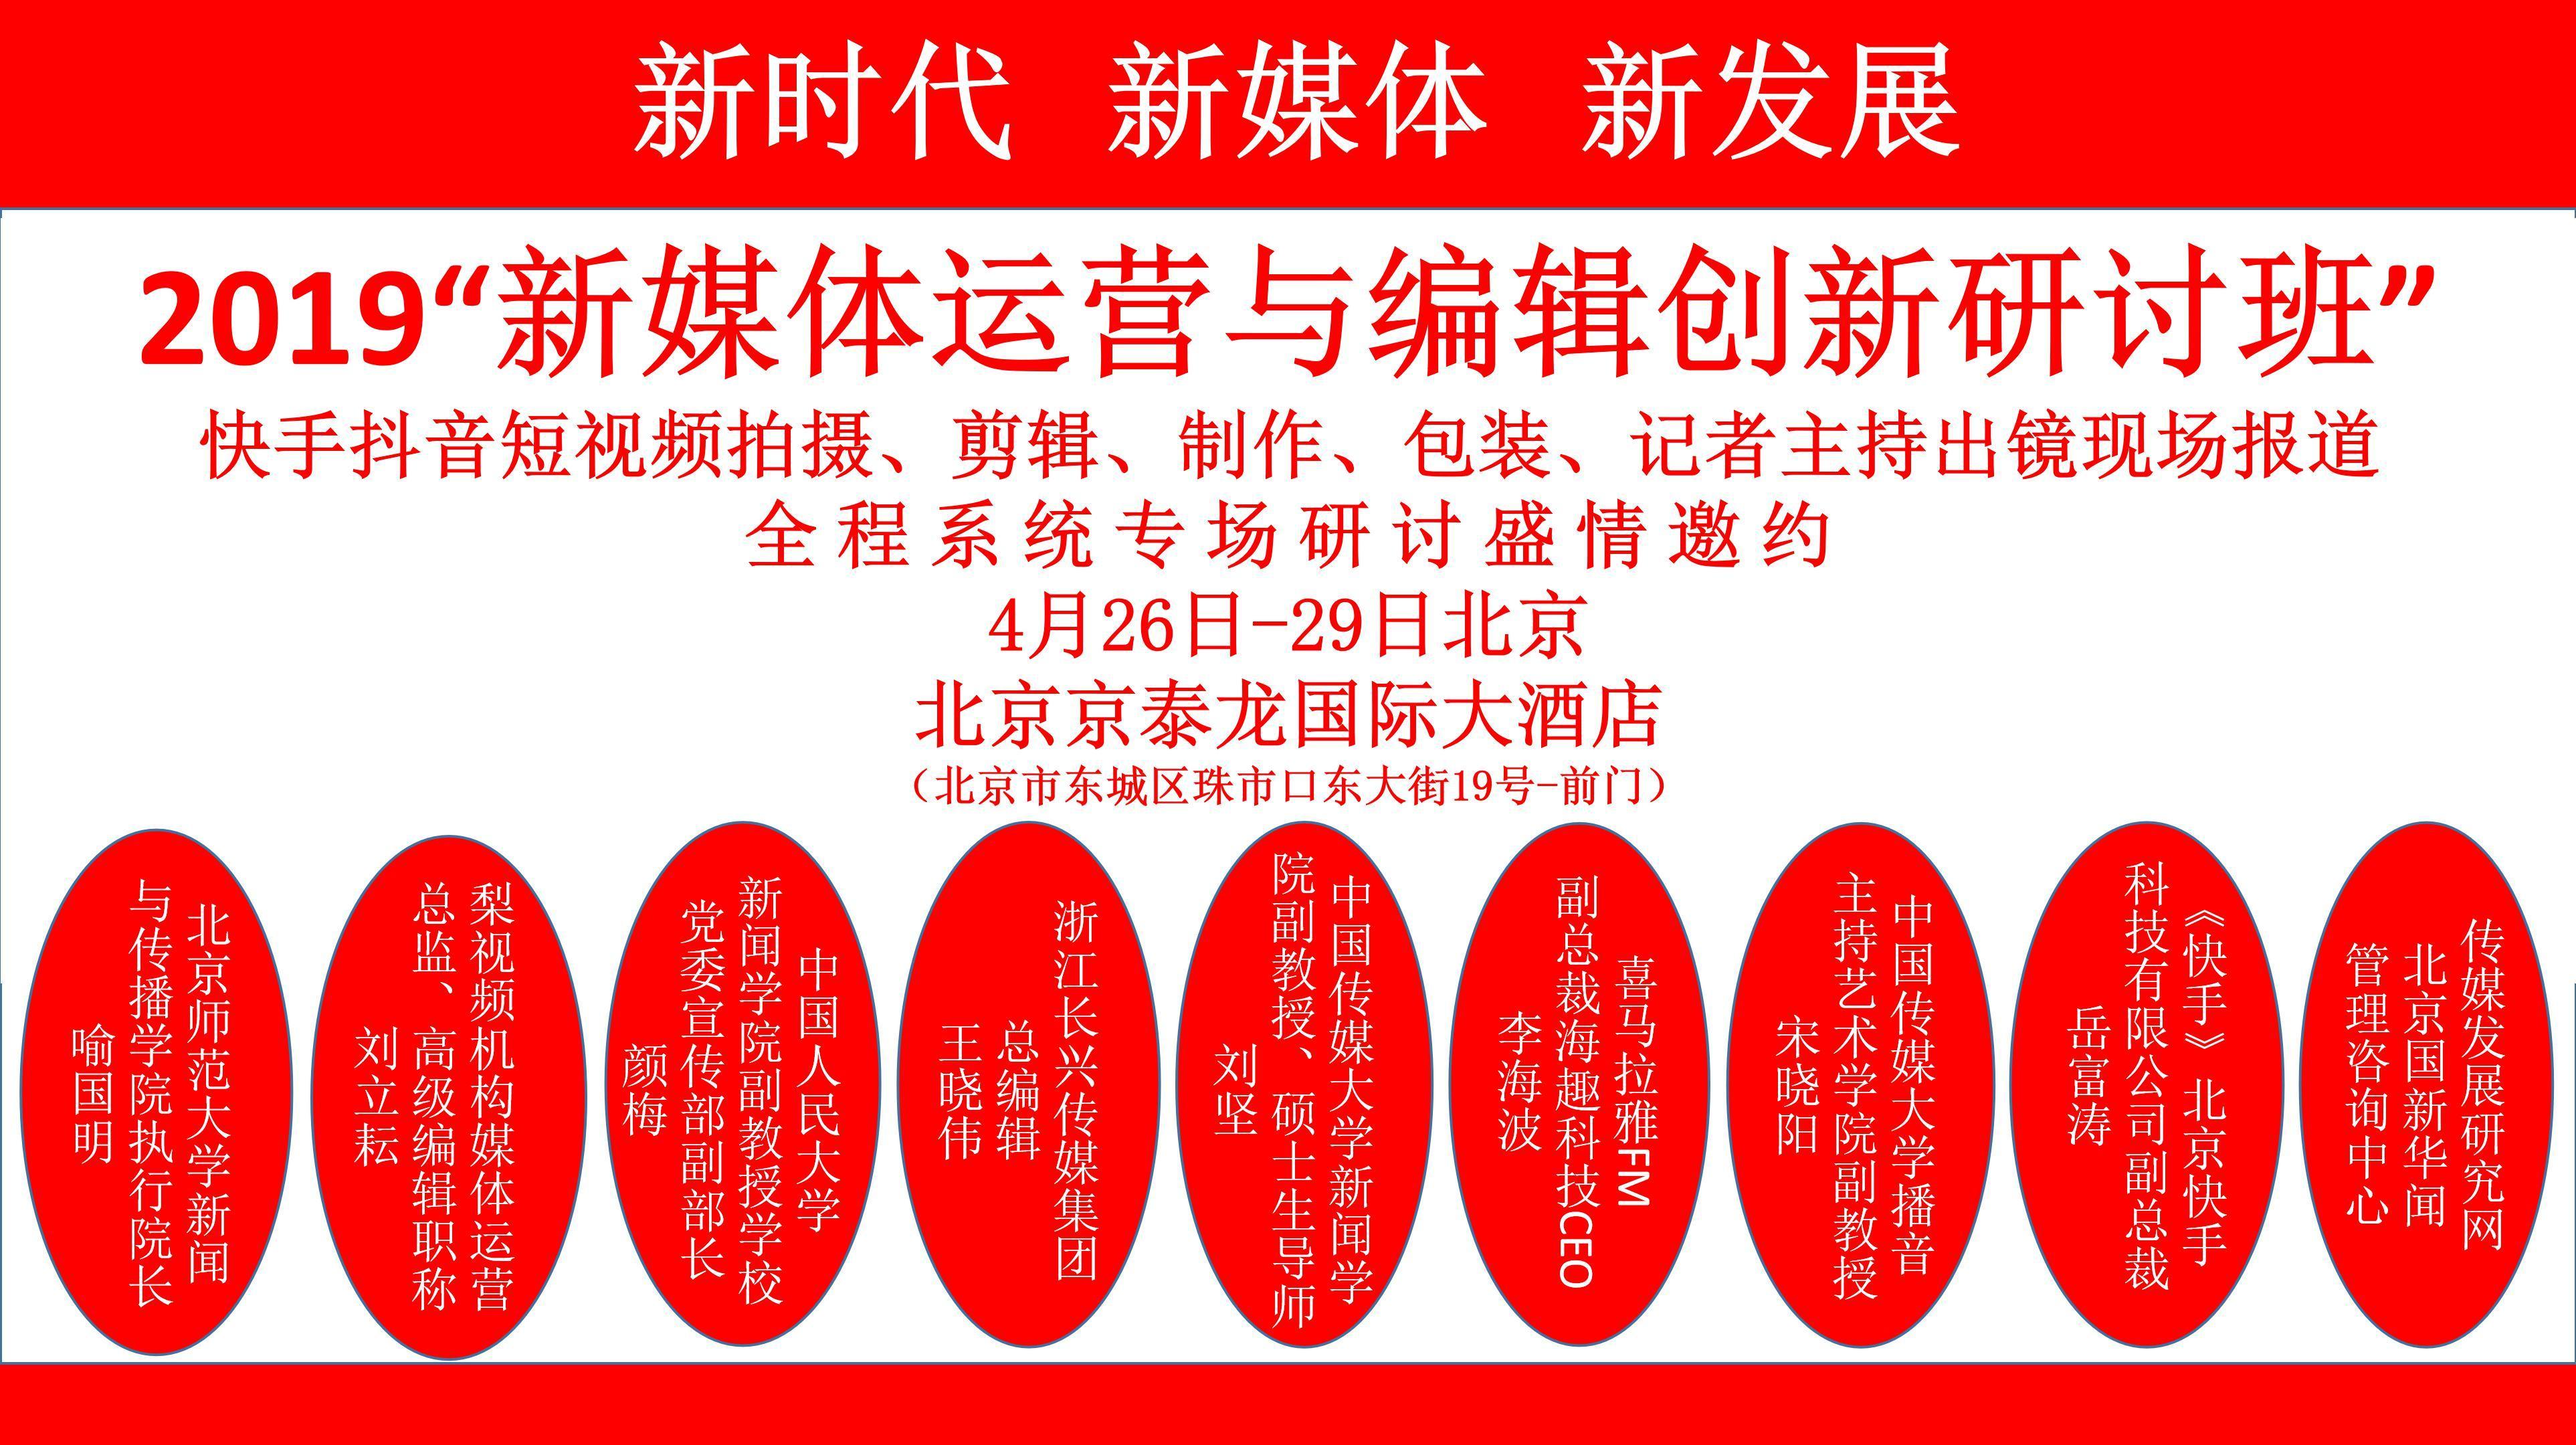 2019新媒体运营与编辑创新:短视频拍摄、剪辑、包装、制作、记者主持出镜报道研讨班(4月北京班)